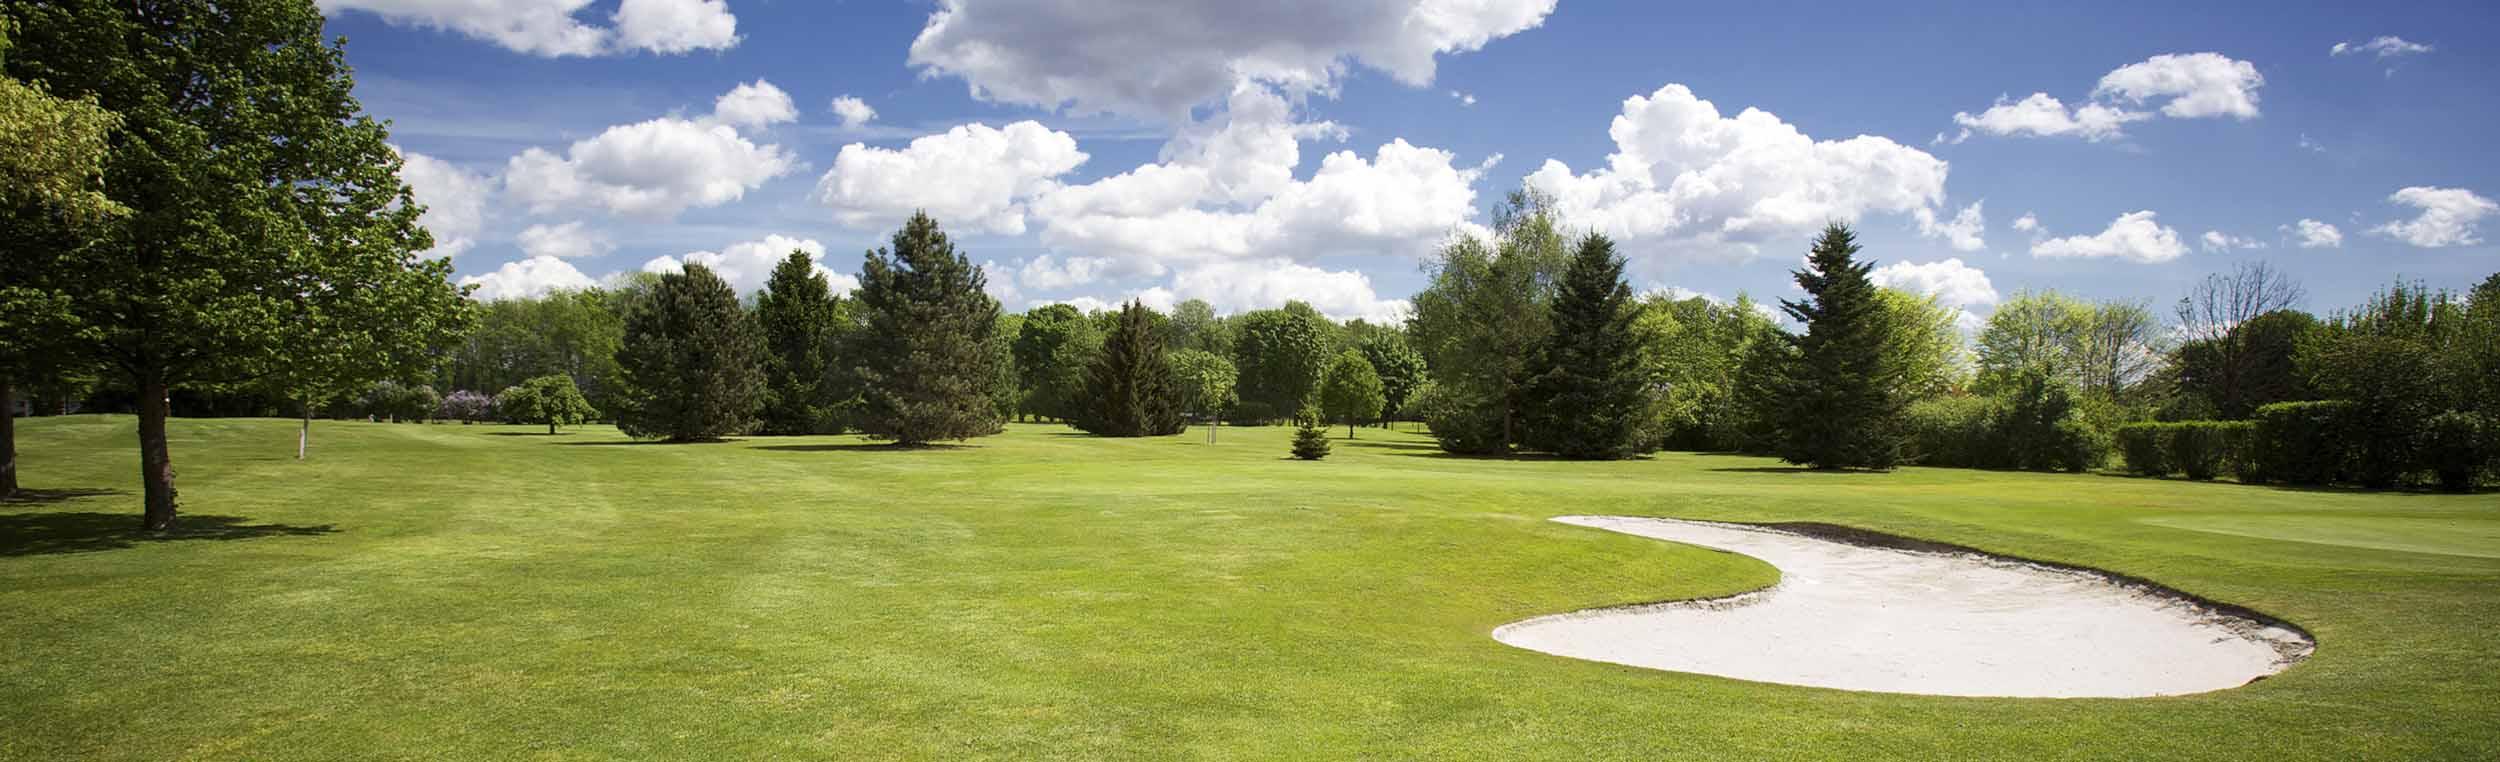 Golf Cart Course